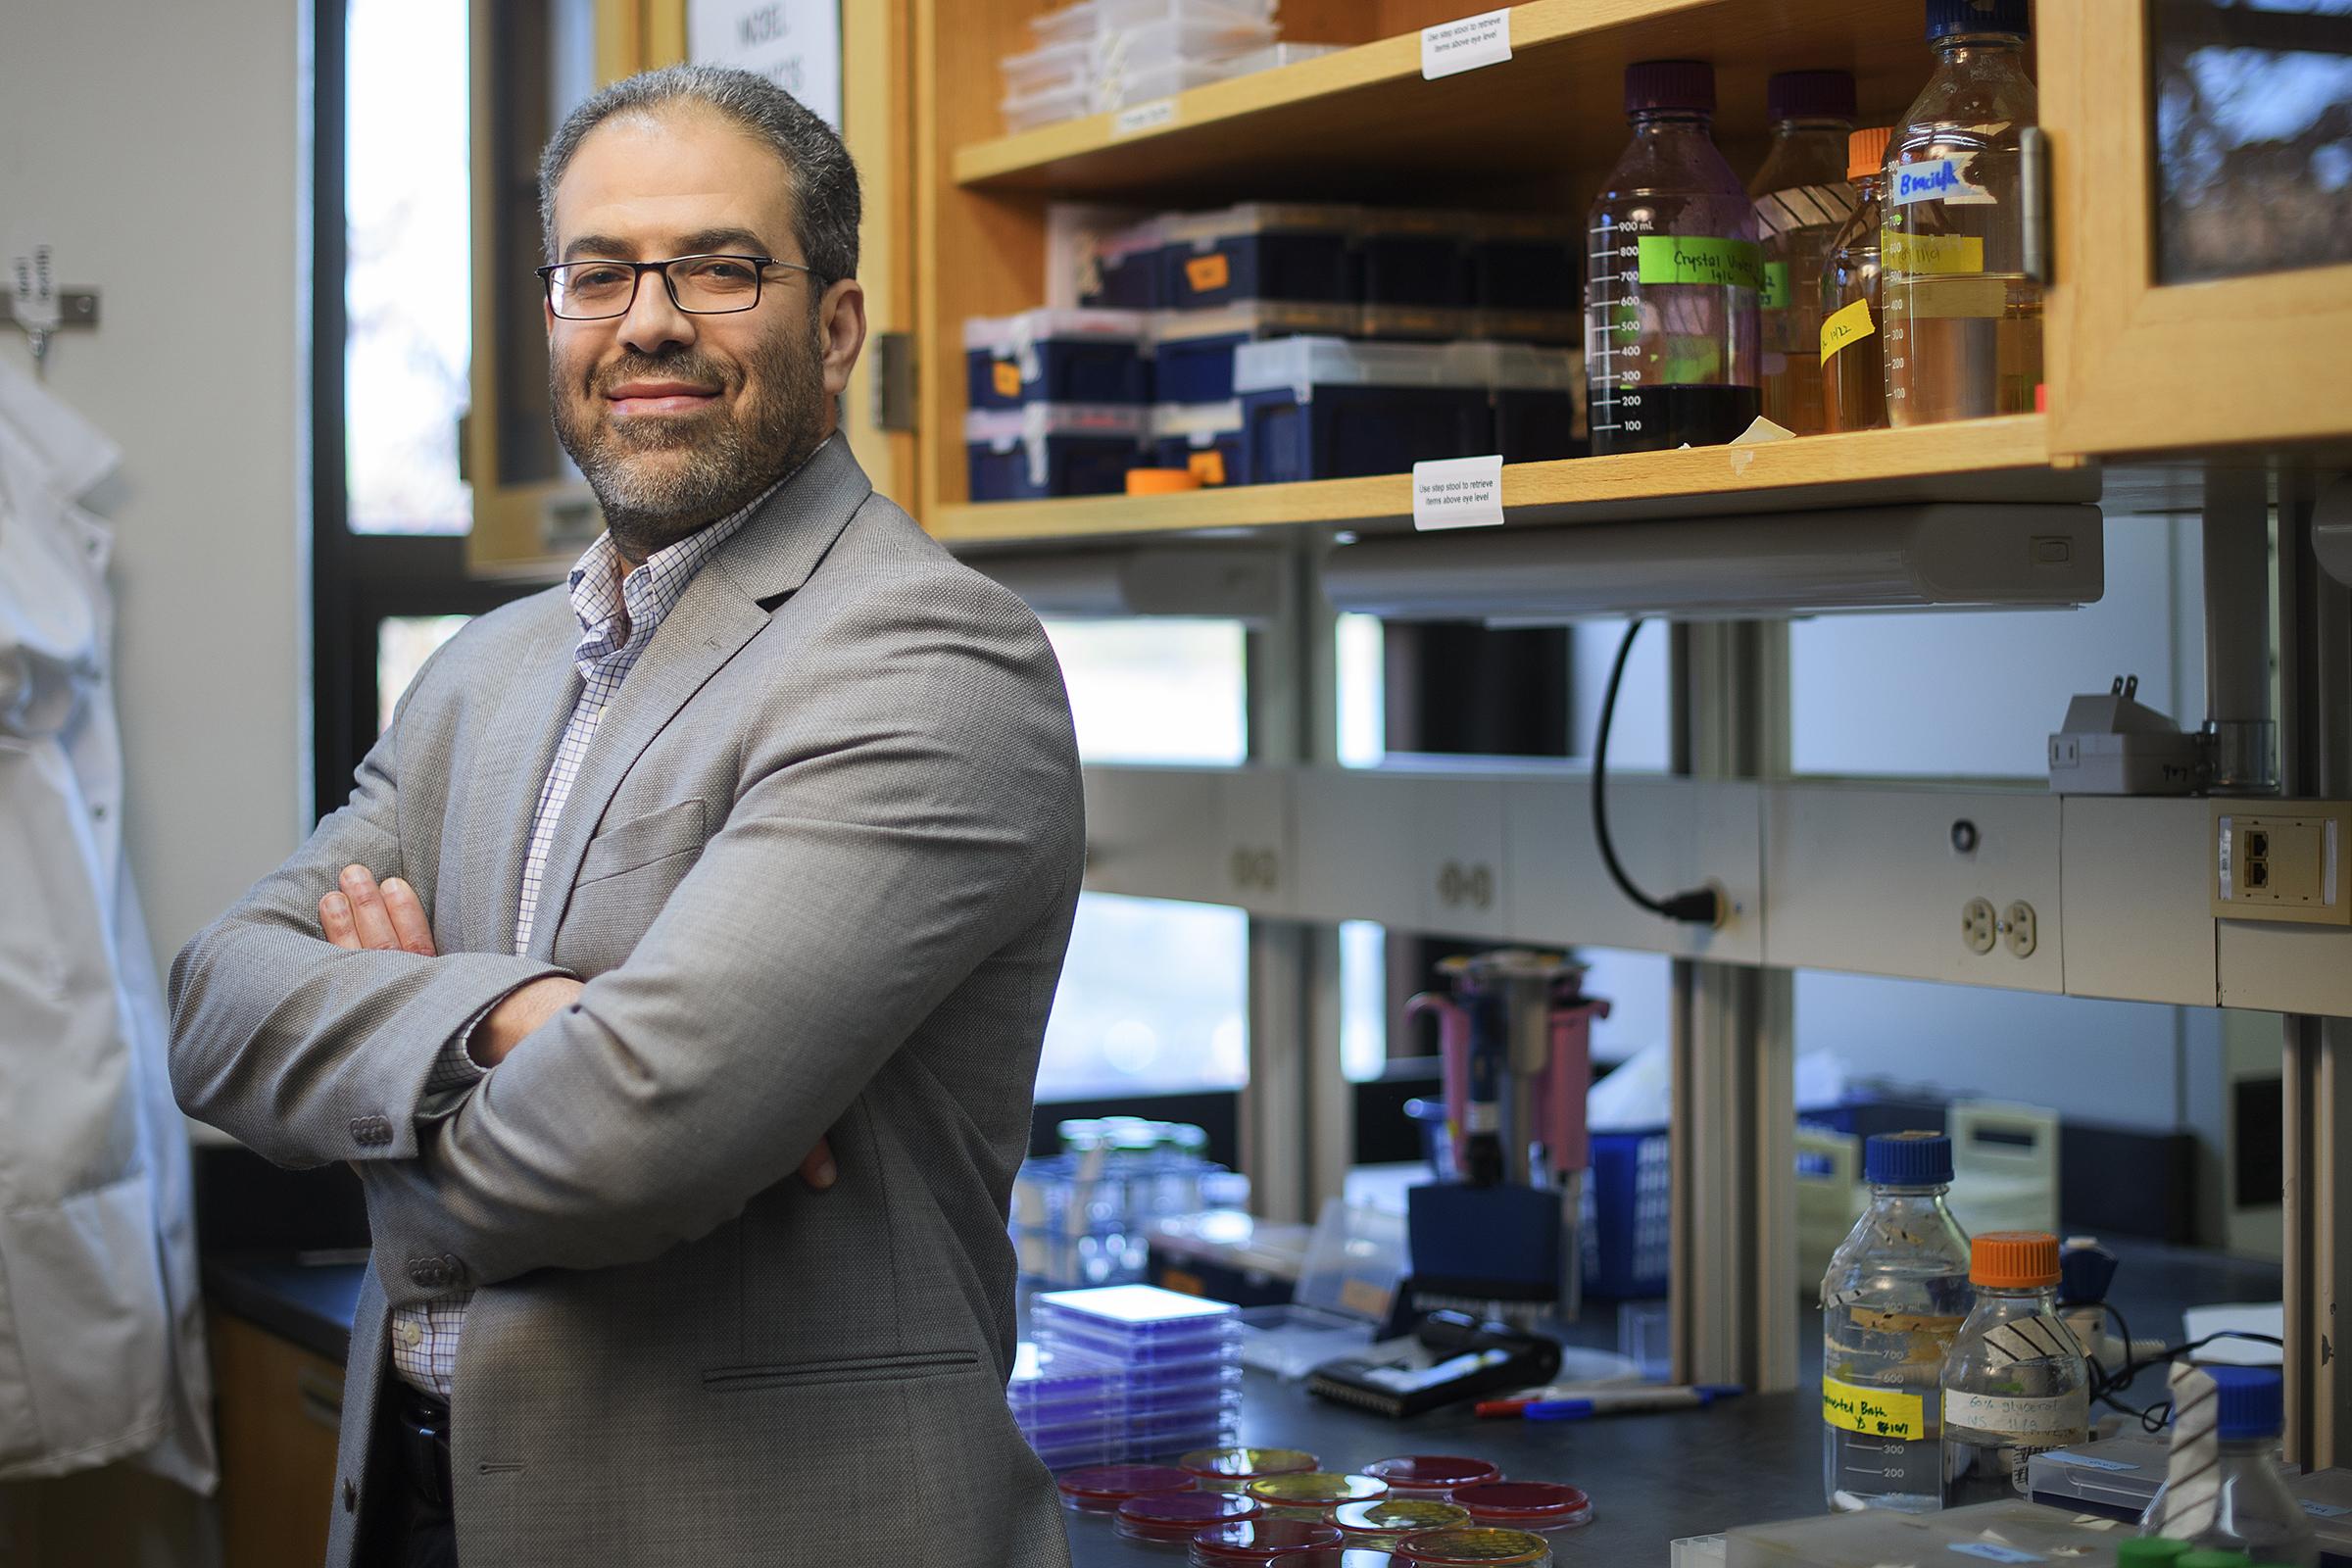 Mohamed Seleem, profesor de microbiología en la Universidad de Purdue (Indiana), ha creado un nuevo método para tratar las infecciones por MRSA mediante la luz azul. Foto: Rebecca Wilcox. Universidad de Purdue.